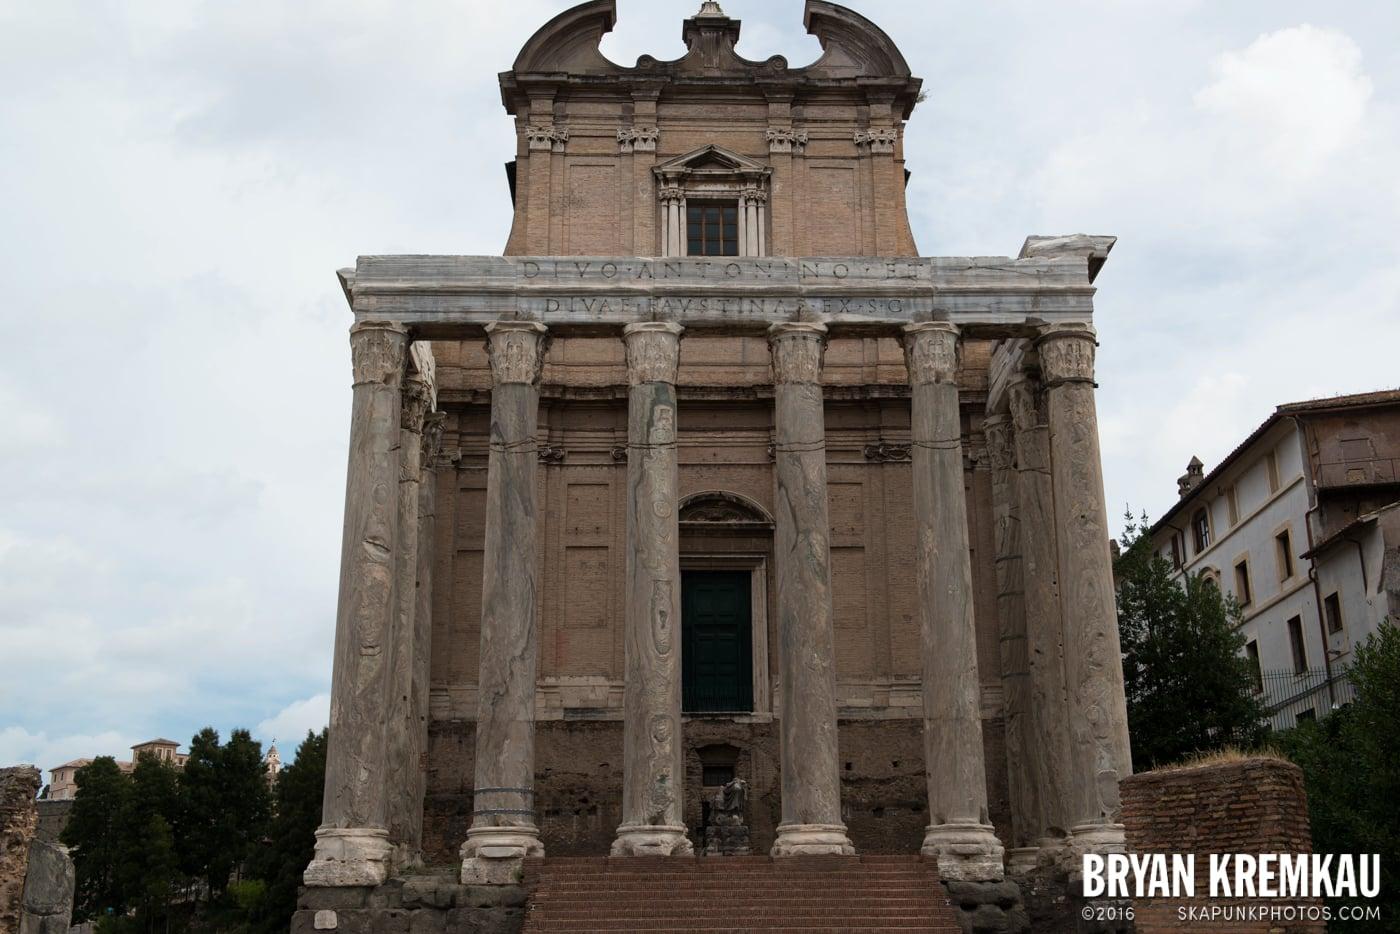 Italy Vacation - Day 2: Rome - 9.10.13 (103)